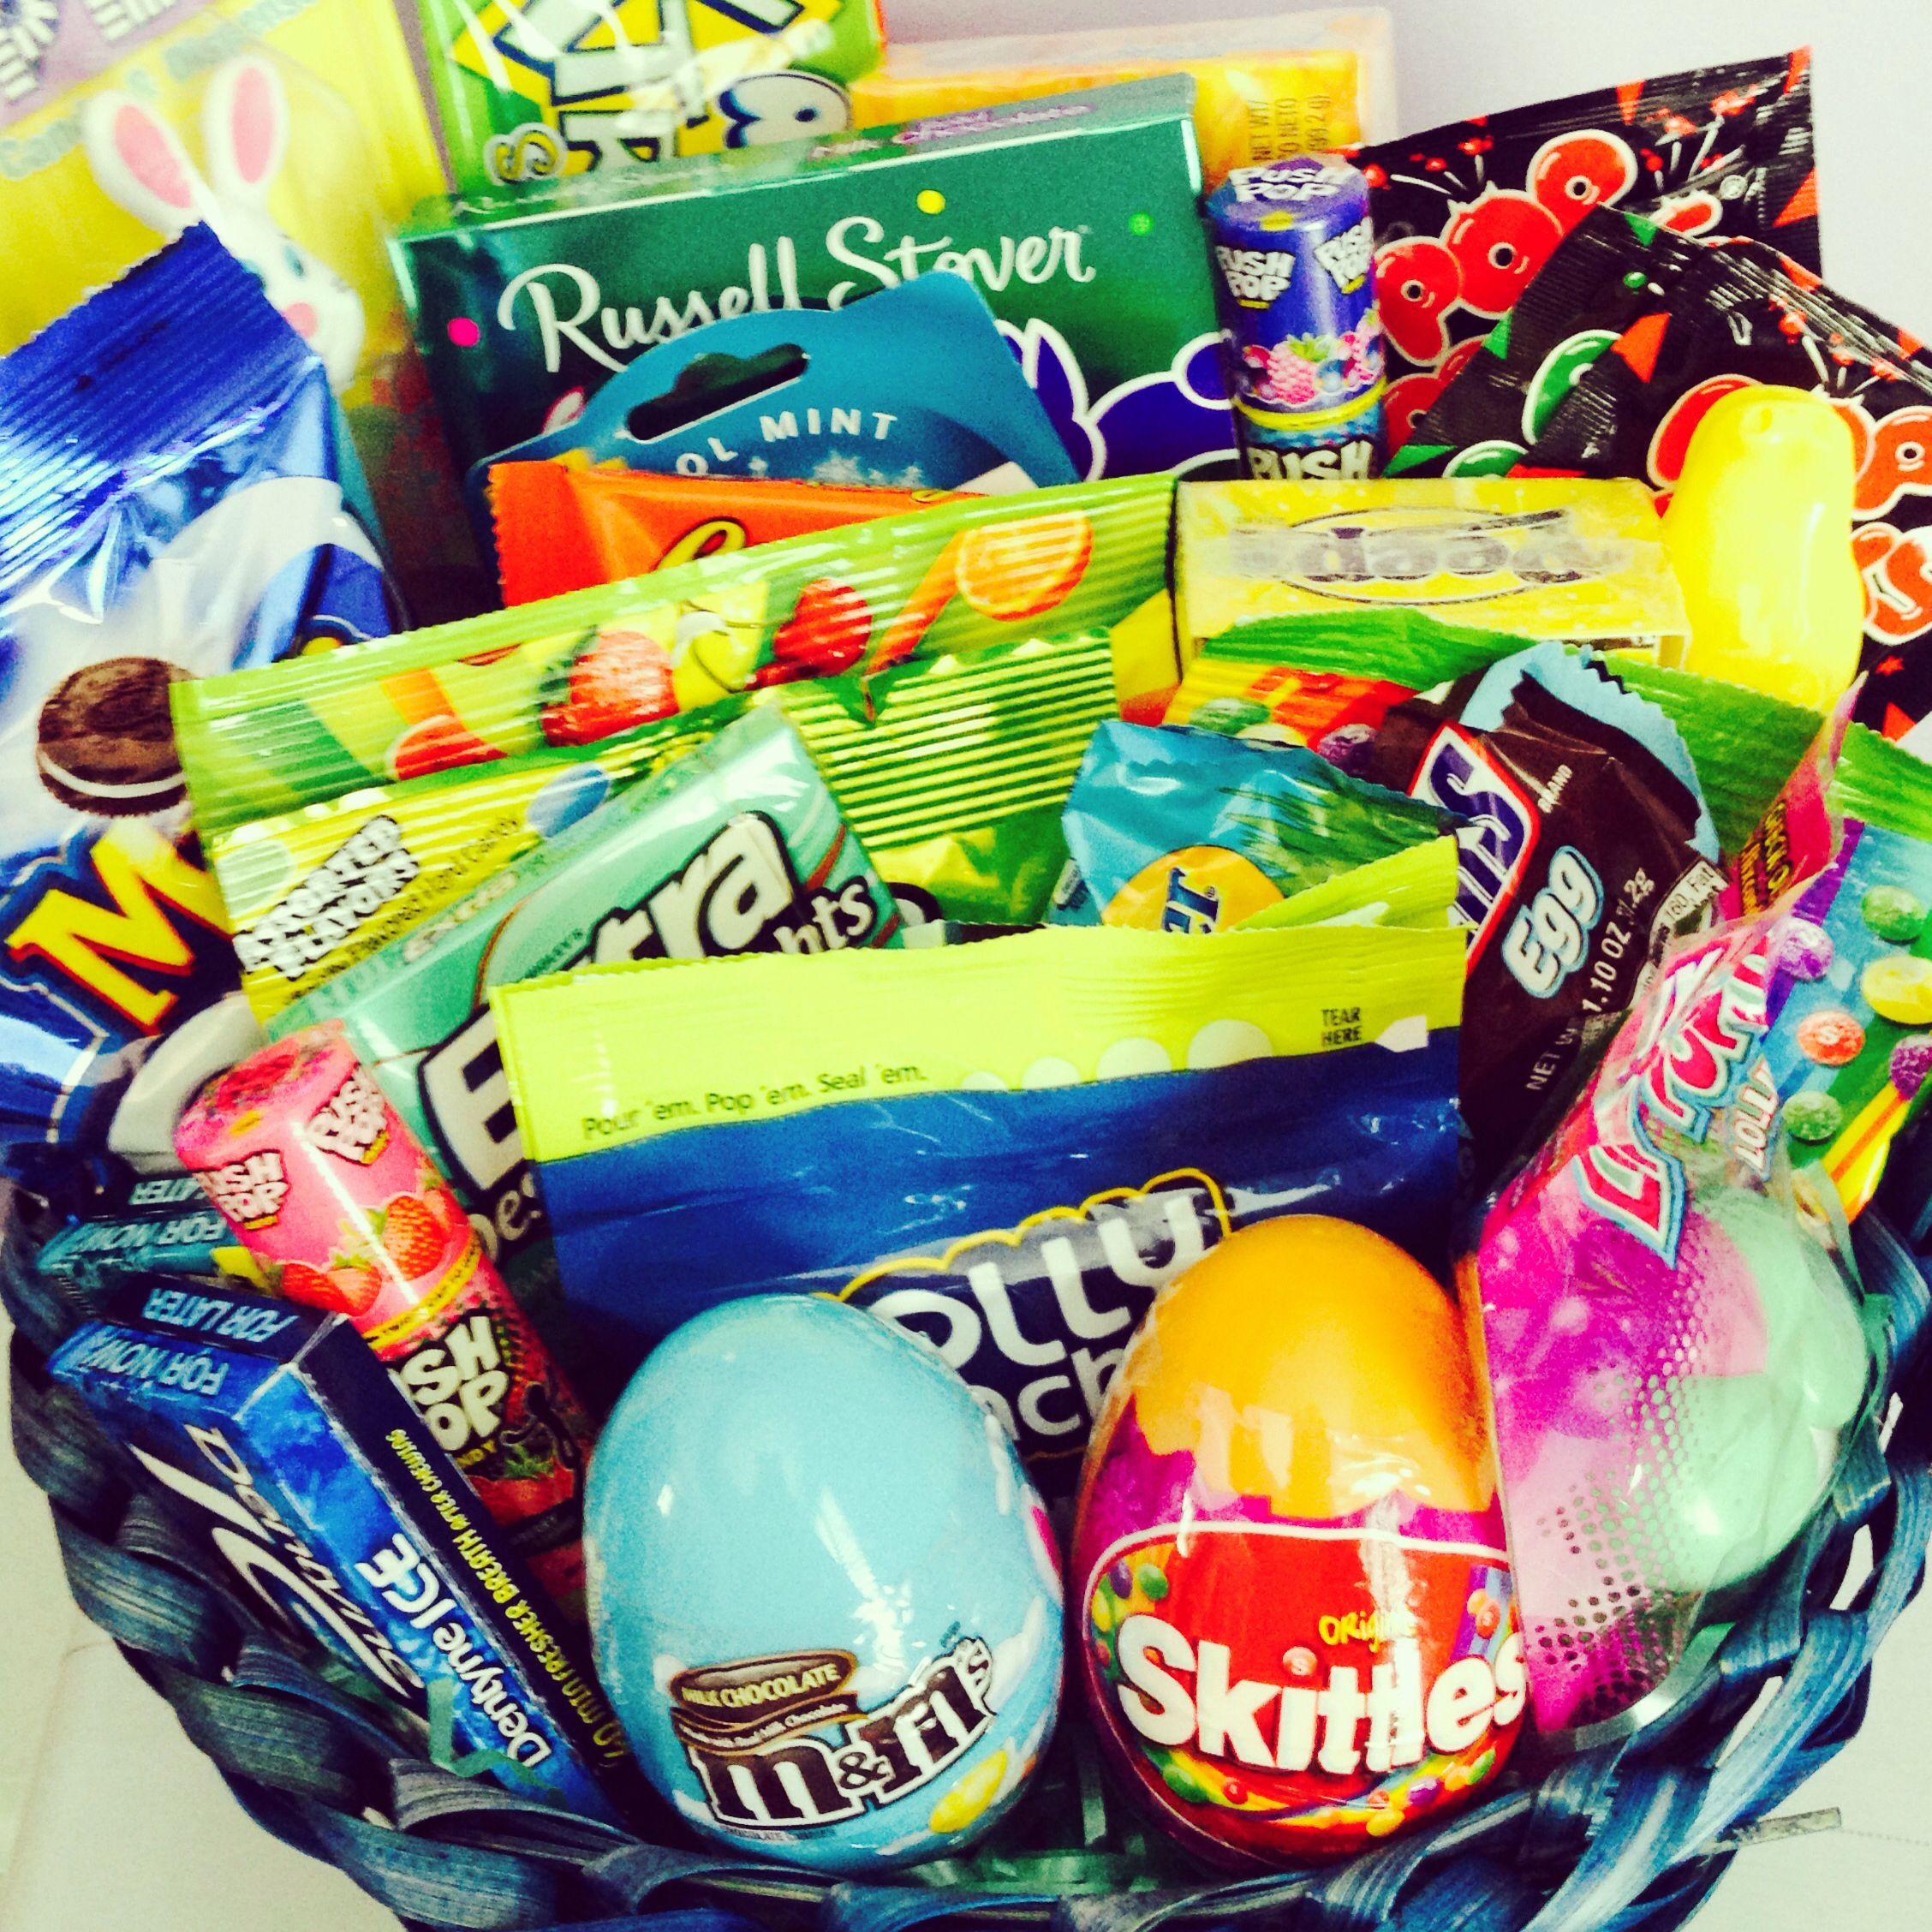 Easter basket i made for my boyfriend full of his favorite candies easter basket i made for my boyfriend full of his favorite candies negle Images